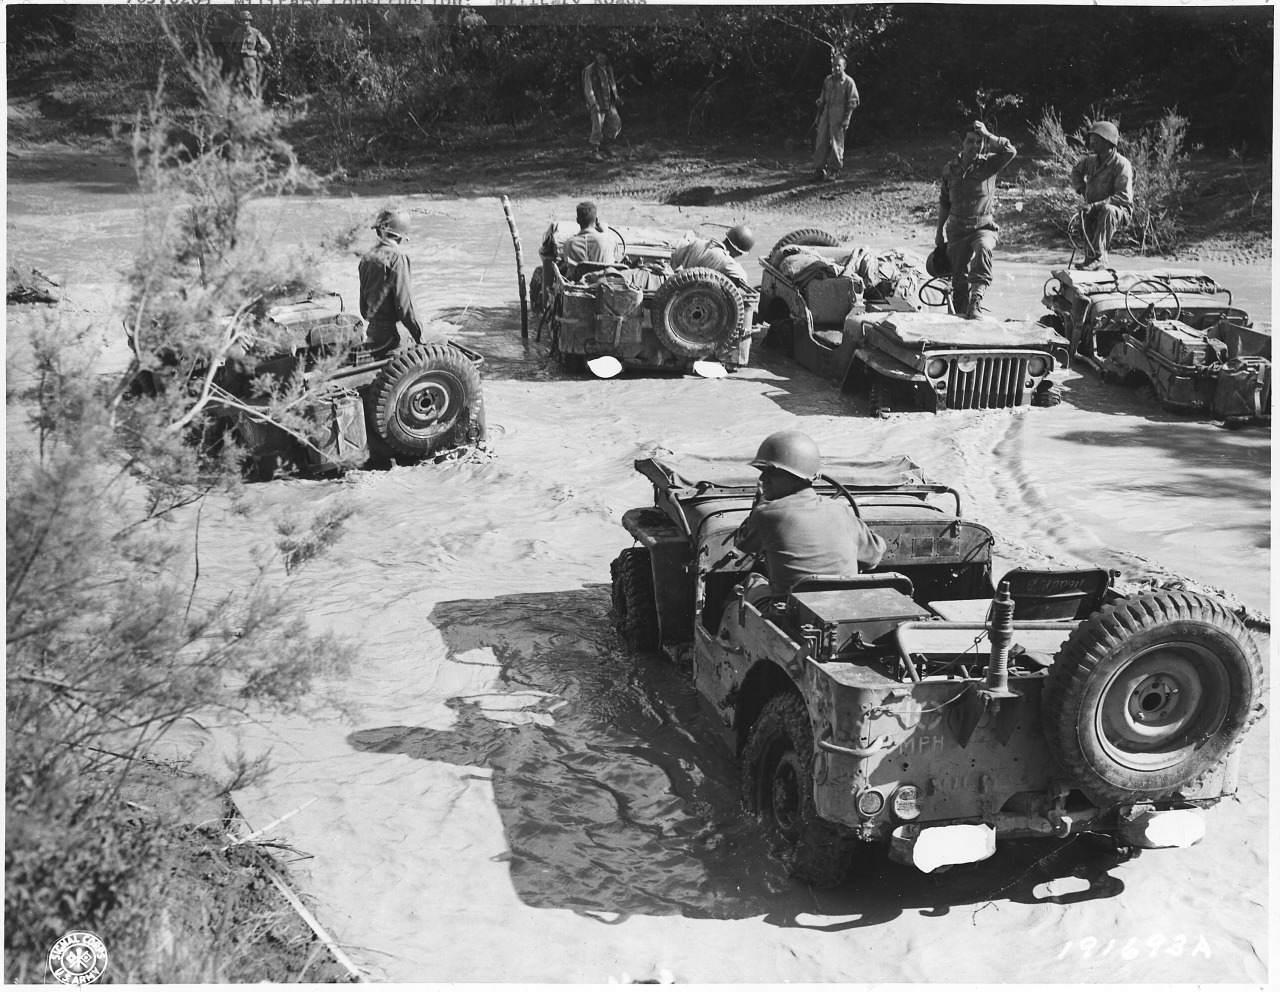 tumblr n8esshCszj1qhk04bo1 r1 1280 - Montée d'une côté à Fort Story, en 1942